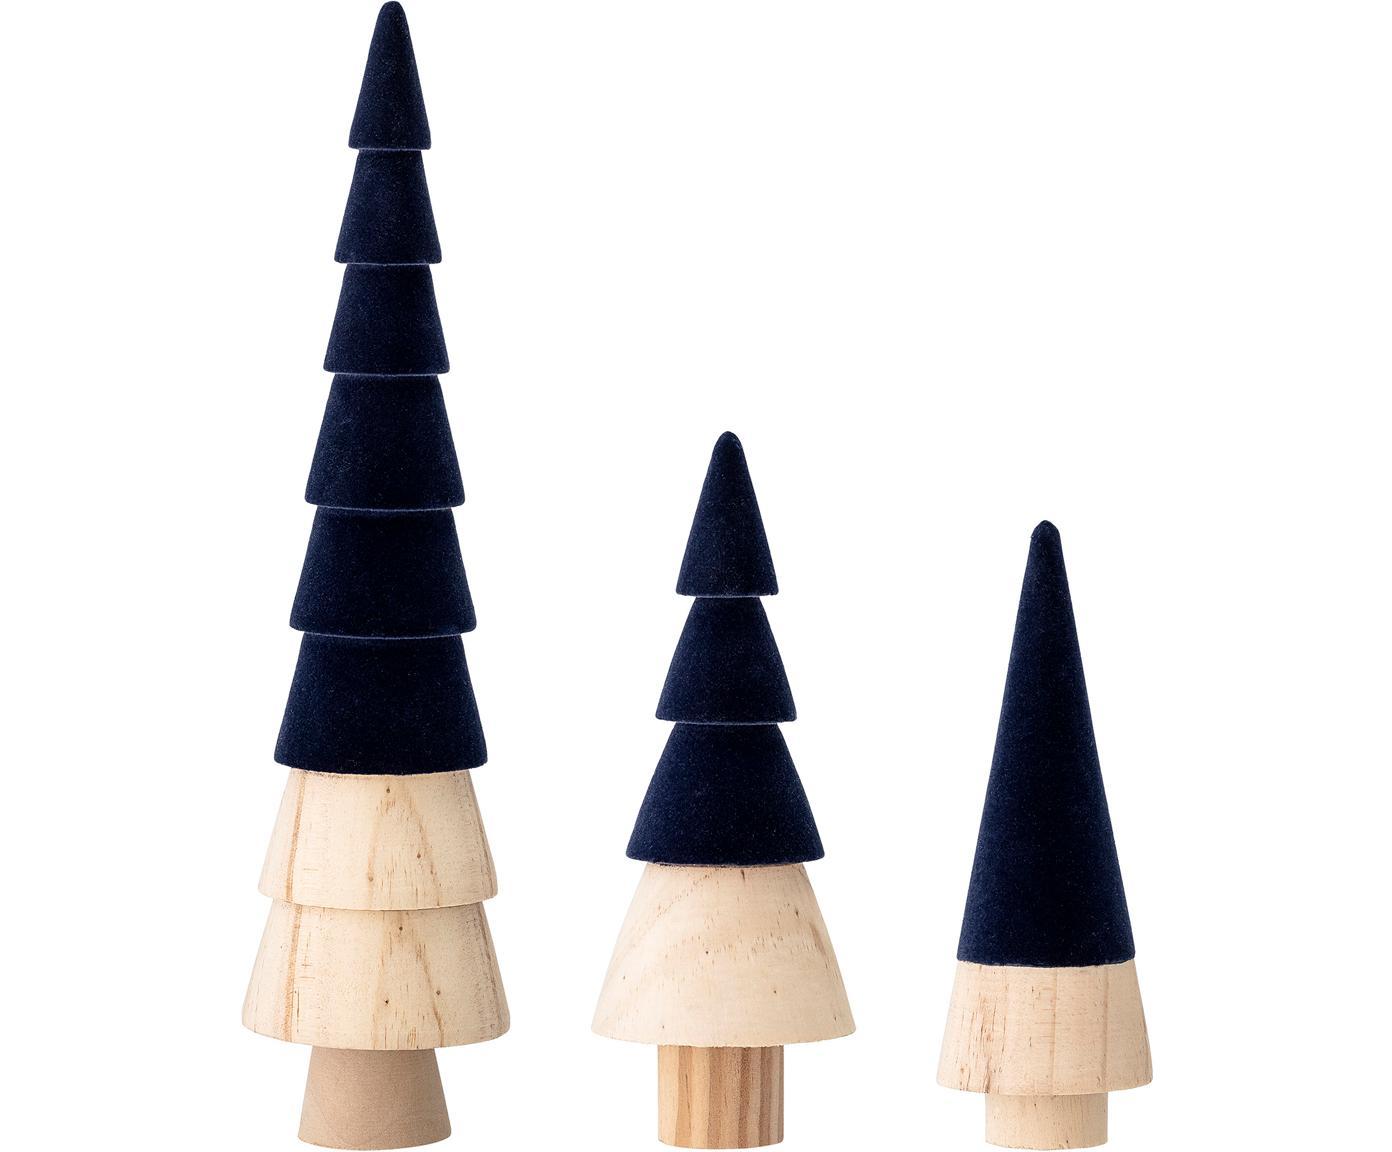 Samt-Deko-Objekte-Set Thace, 3-tlg., Holz, Polyestersamt, Dunkelblau, Holz, Verschiedene Grössen